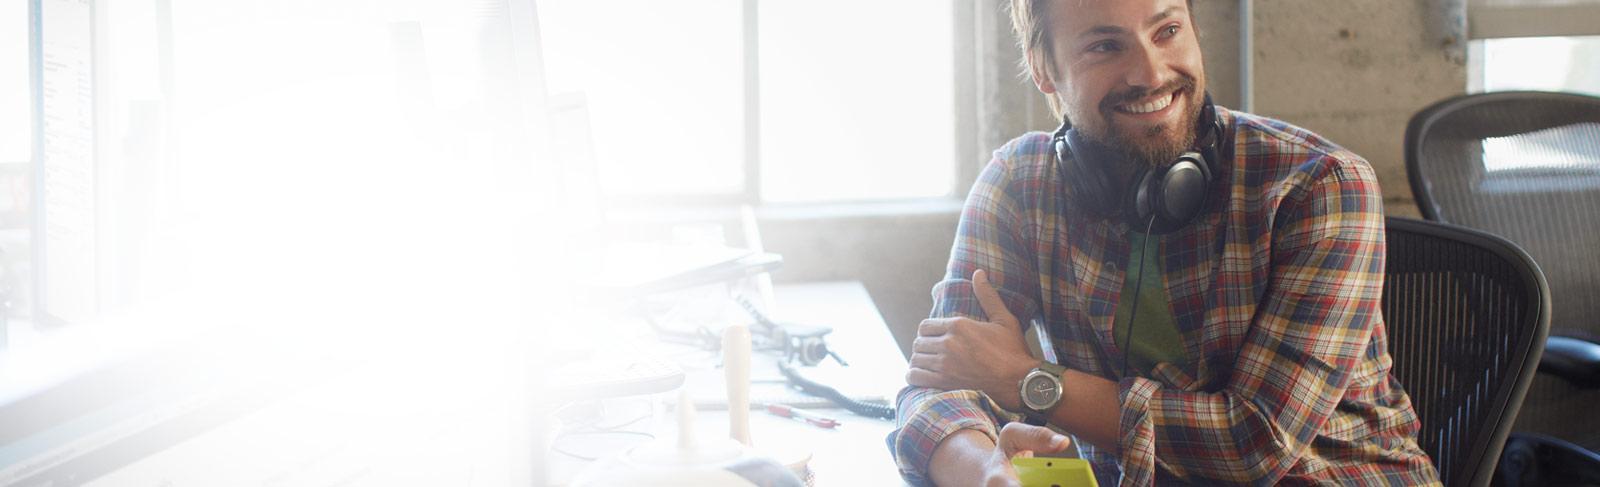 अपनी डेस्क पर फ़ोन पकड़े हुए Office 365 Enterprise E1 का उपयोग करता हुआ एक आदमी.